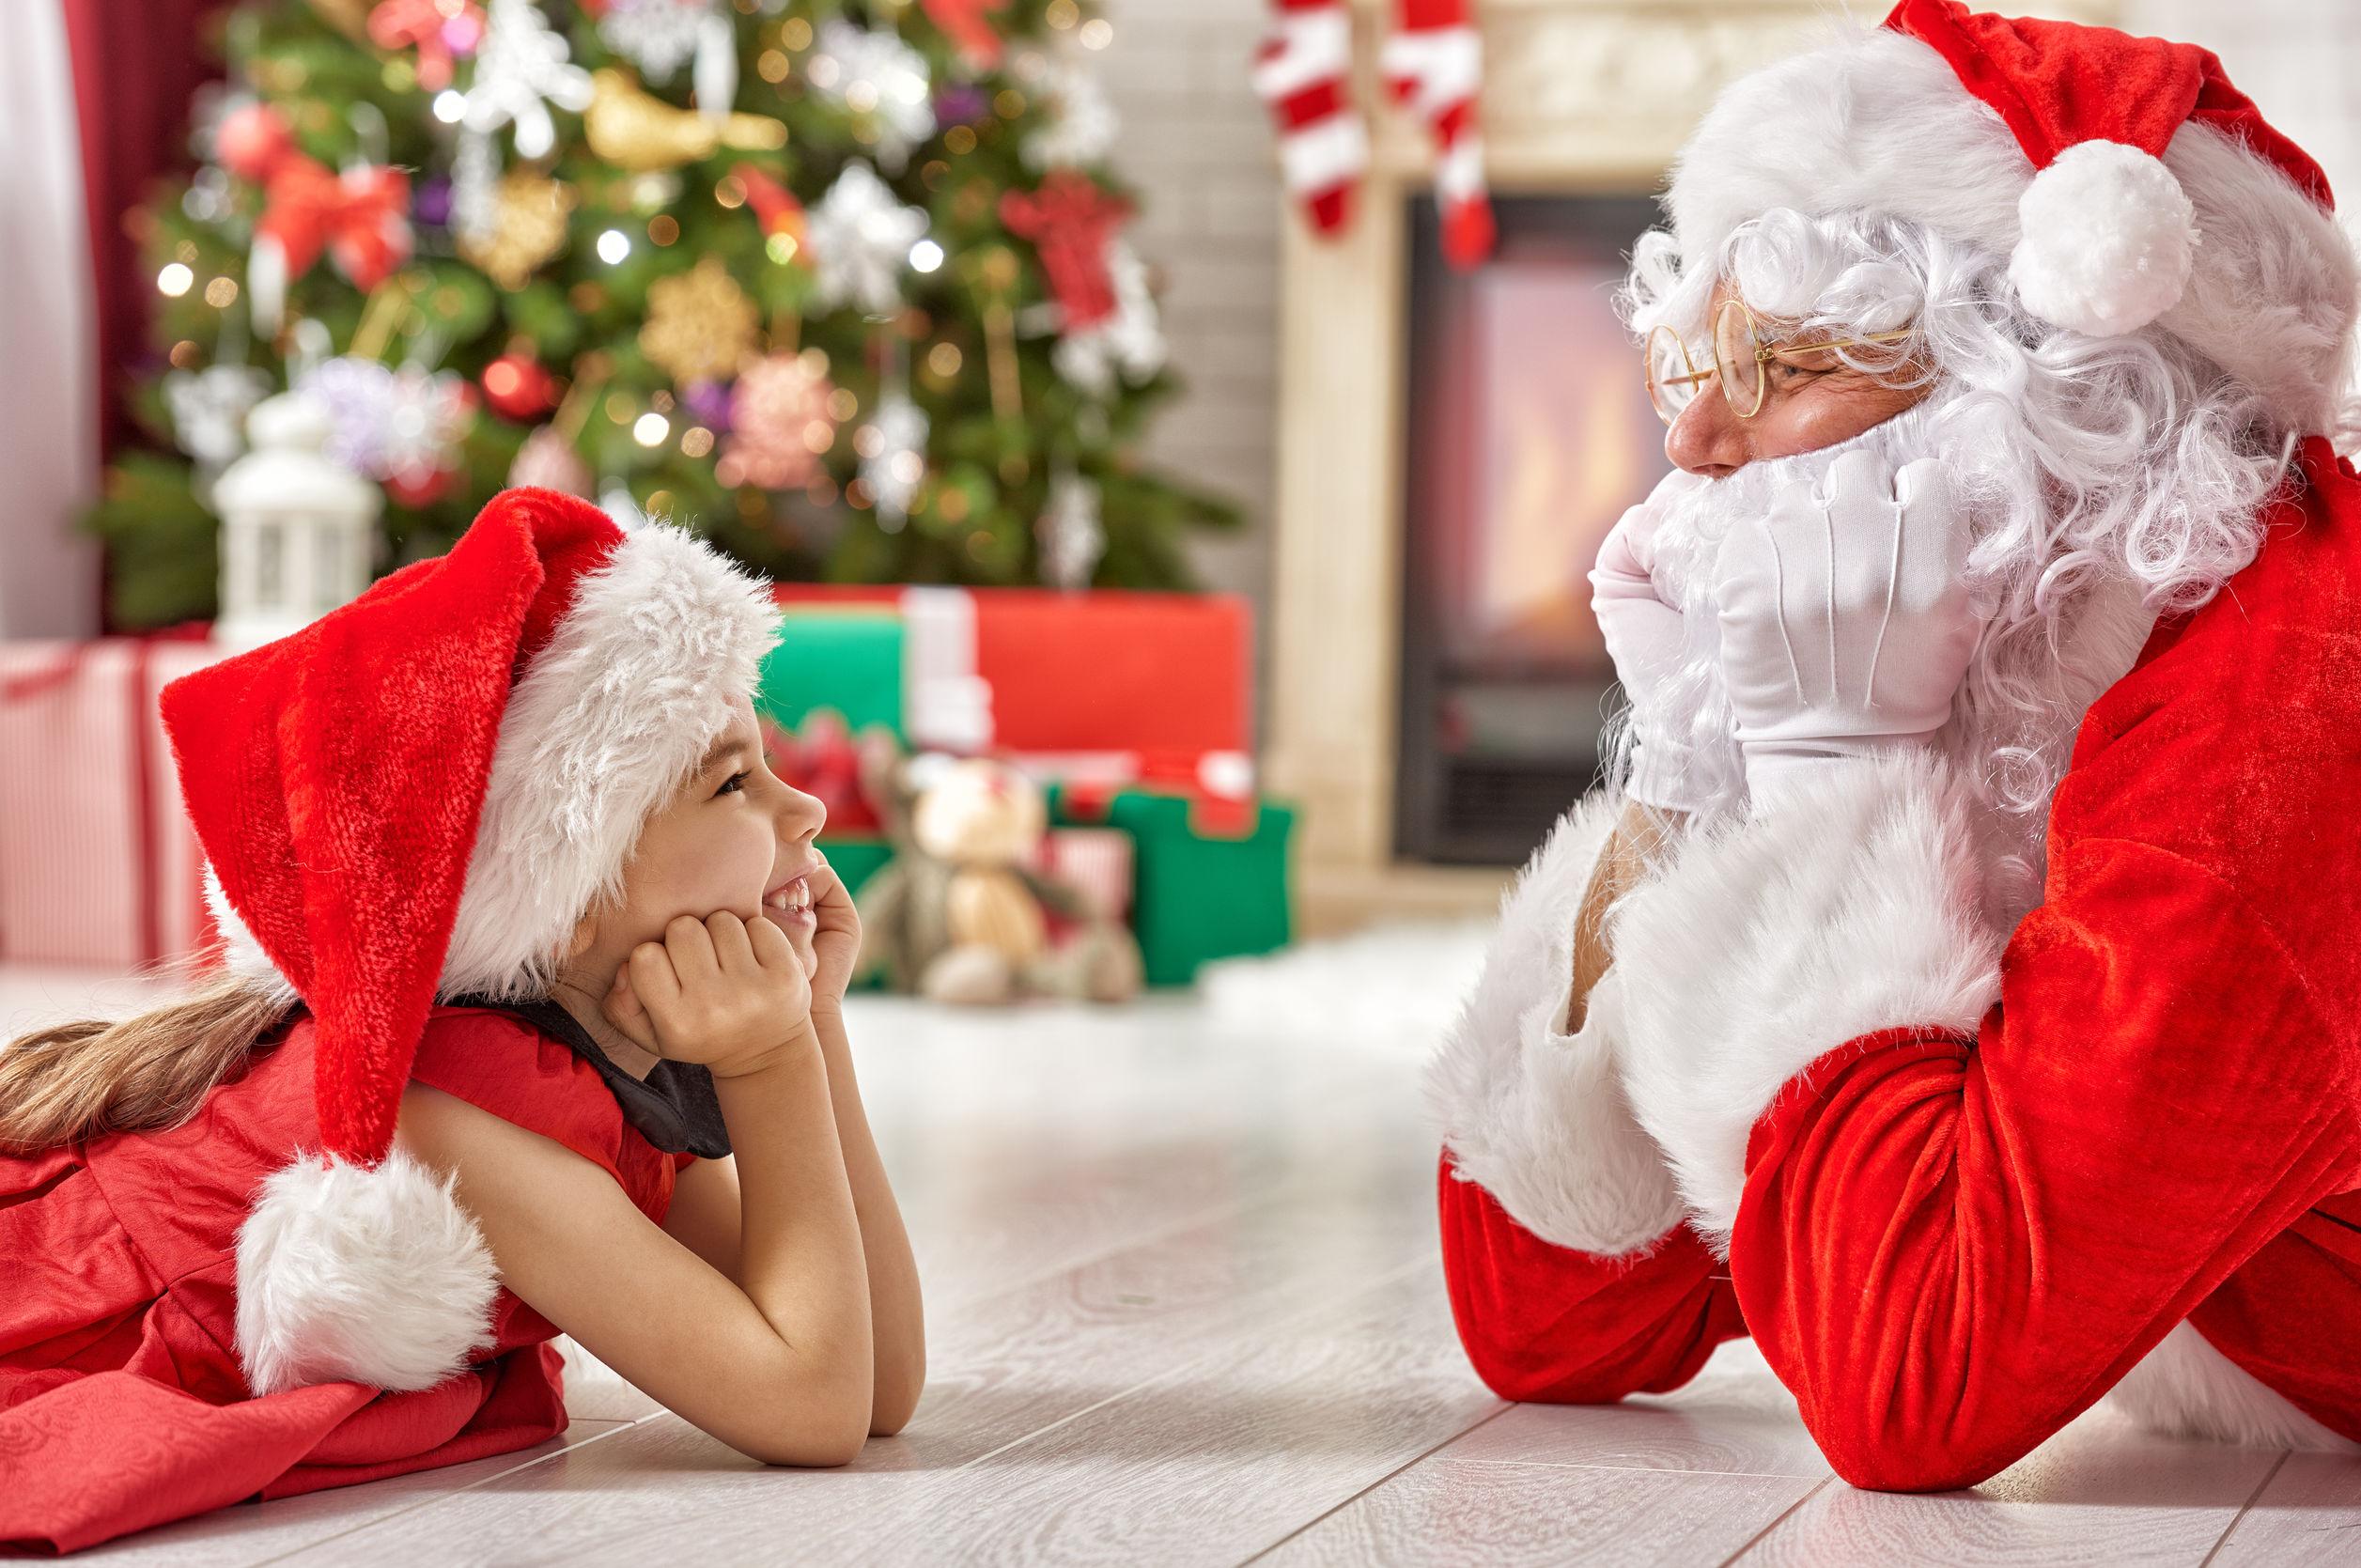 [5 Ιανουαρίου] Γιορτή για τα παιδιά -  'Θεμιστόκλειο' Στάδιο